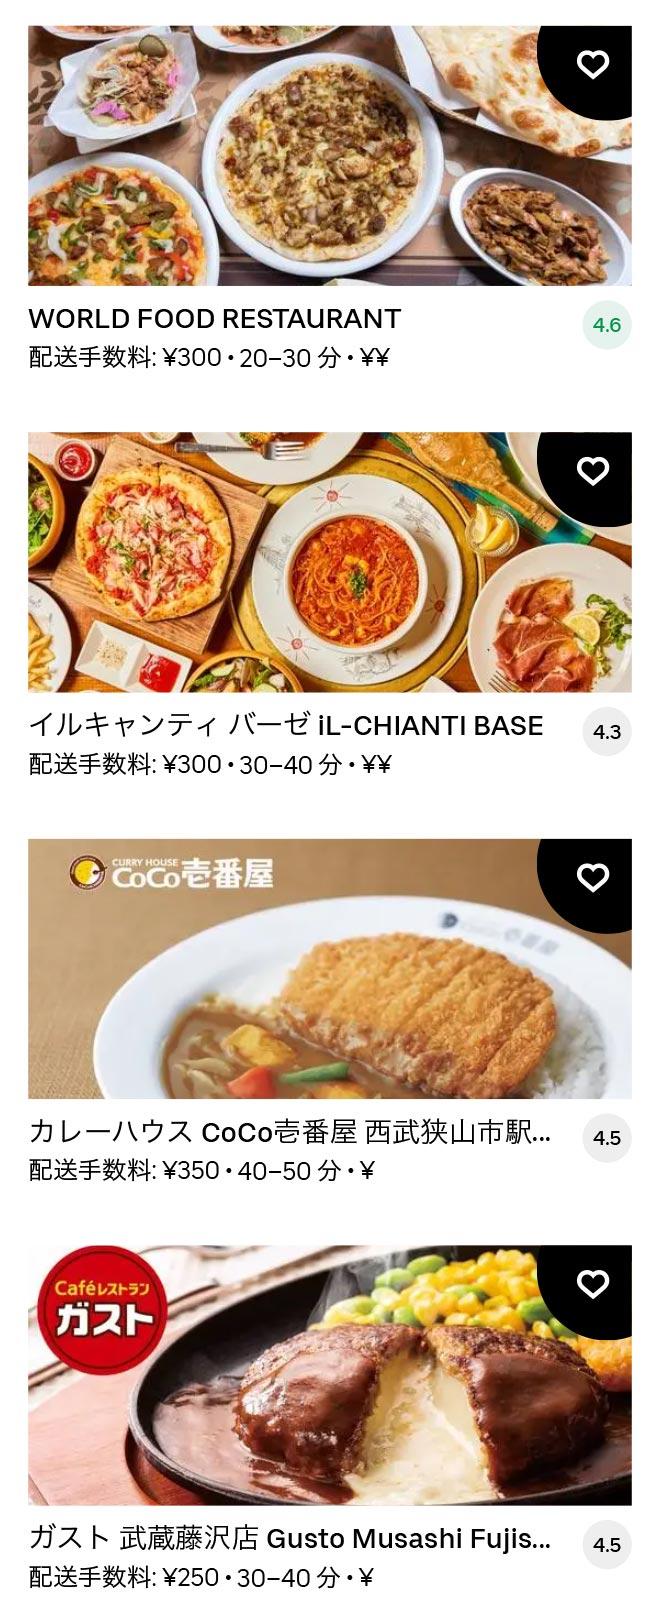 Iriso menu 2102 08